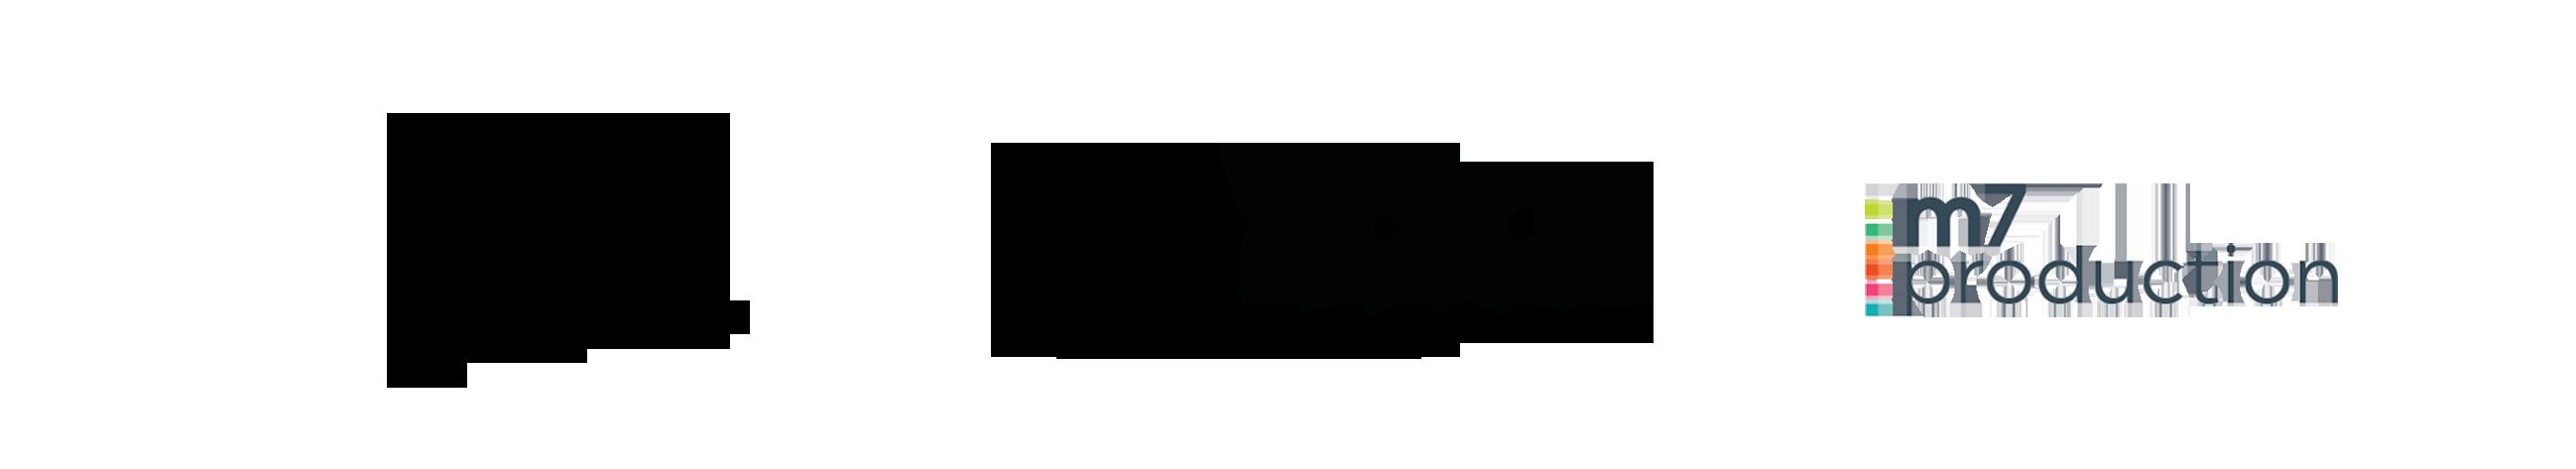 logos-krotkotrwalosc-bez-cienia